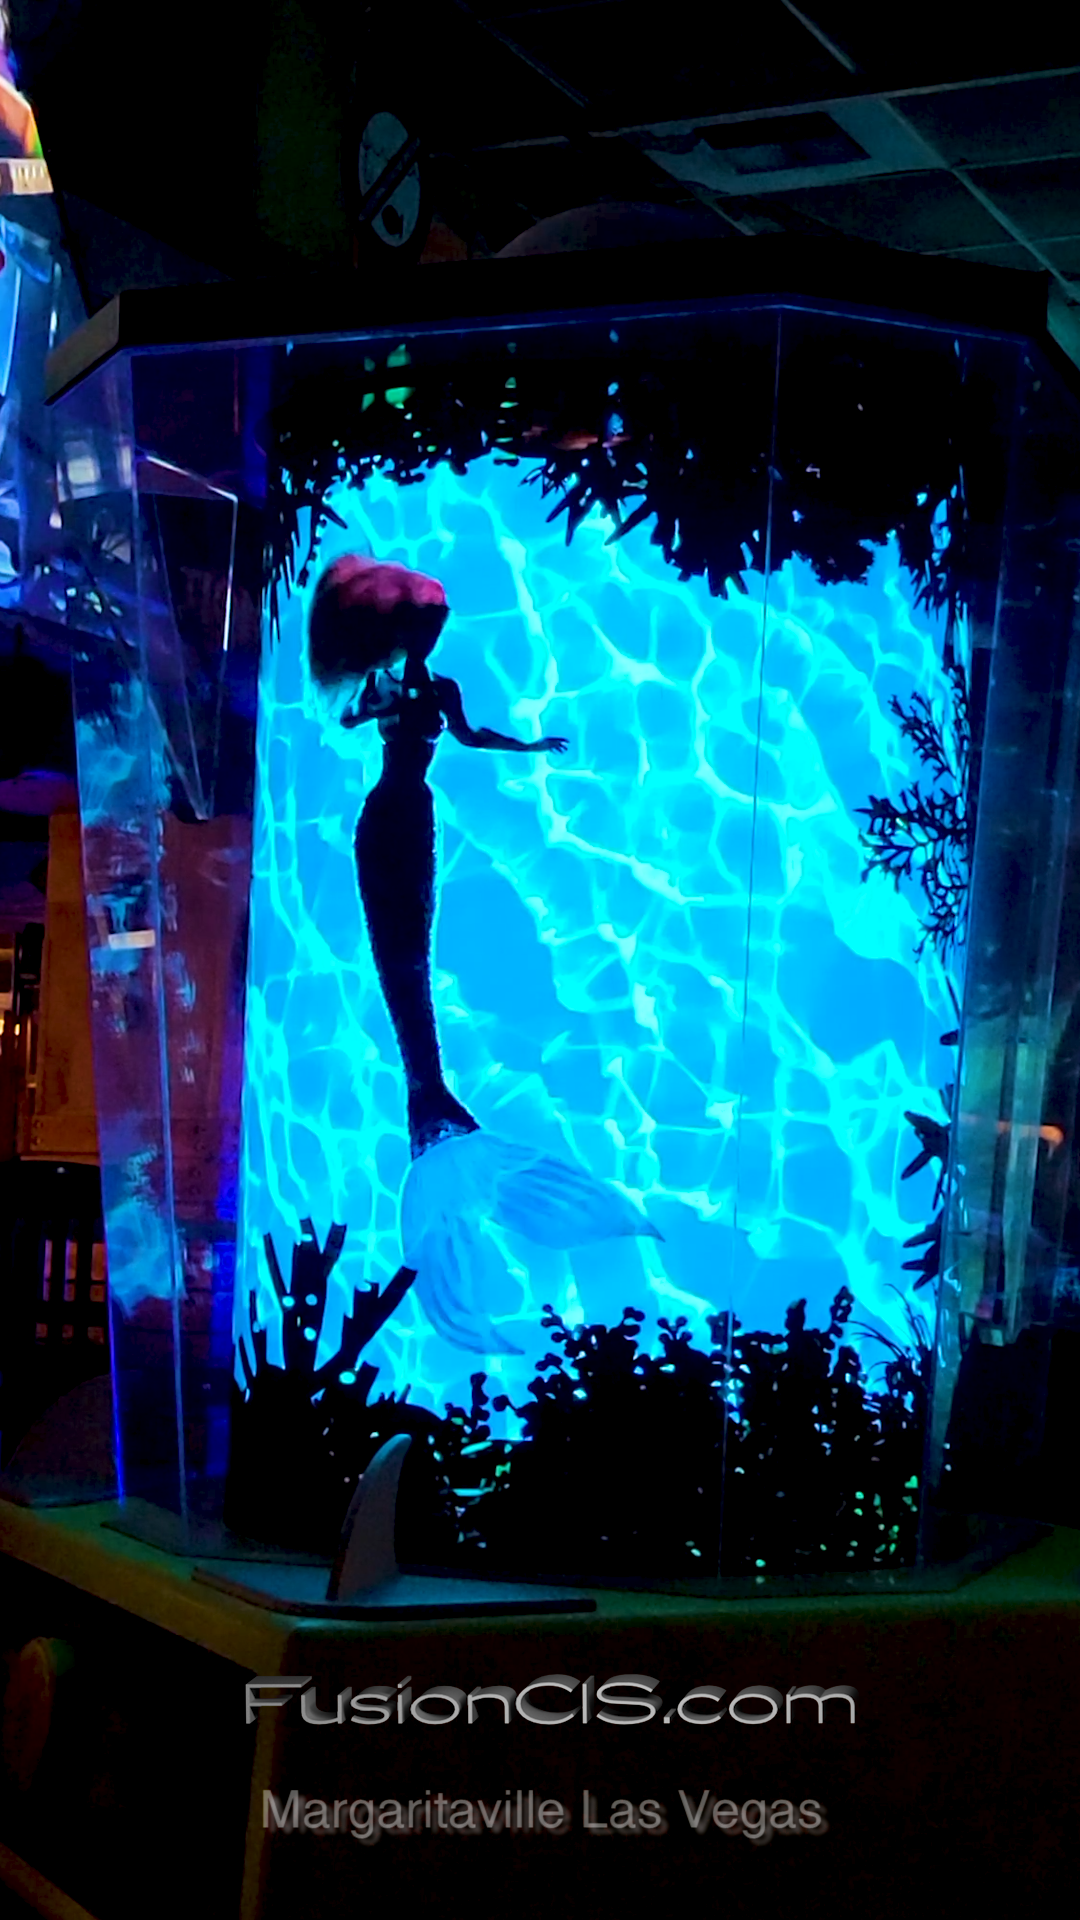 Digital Art Installation Transforms Margaritaville Las Vegas